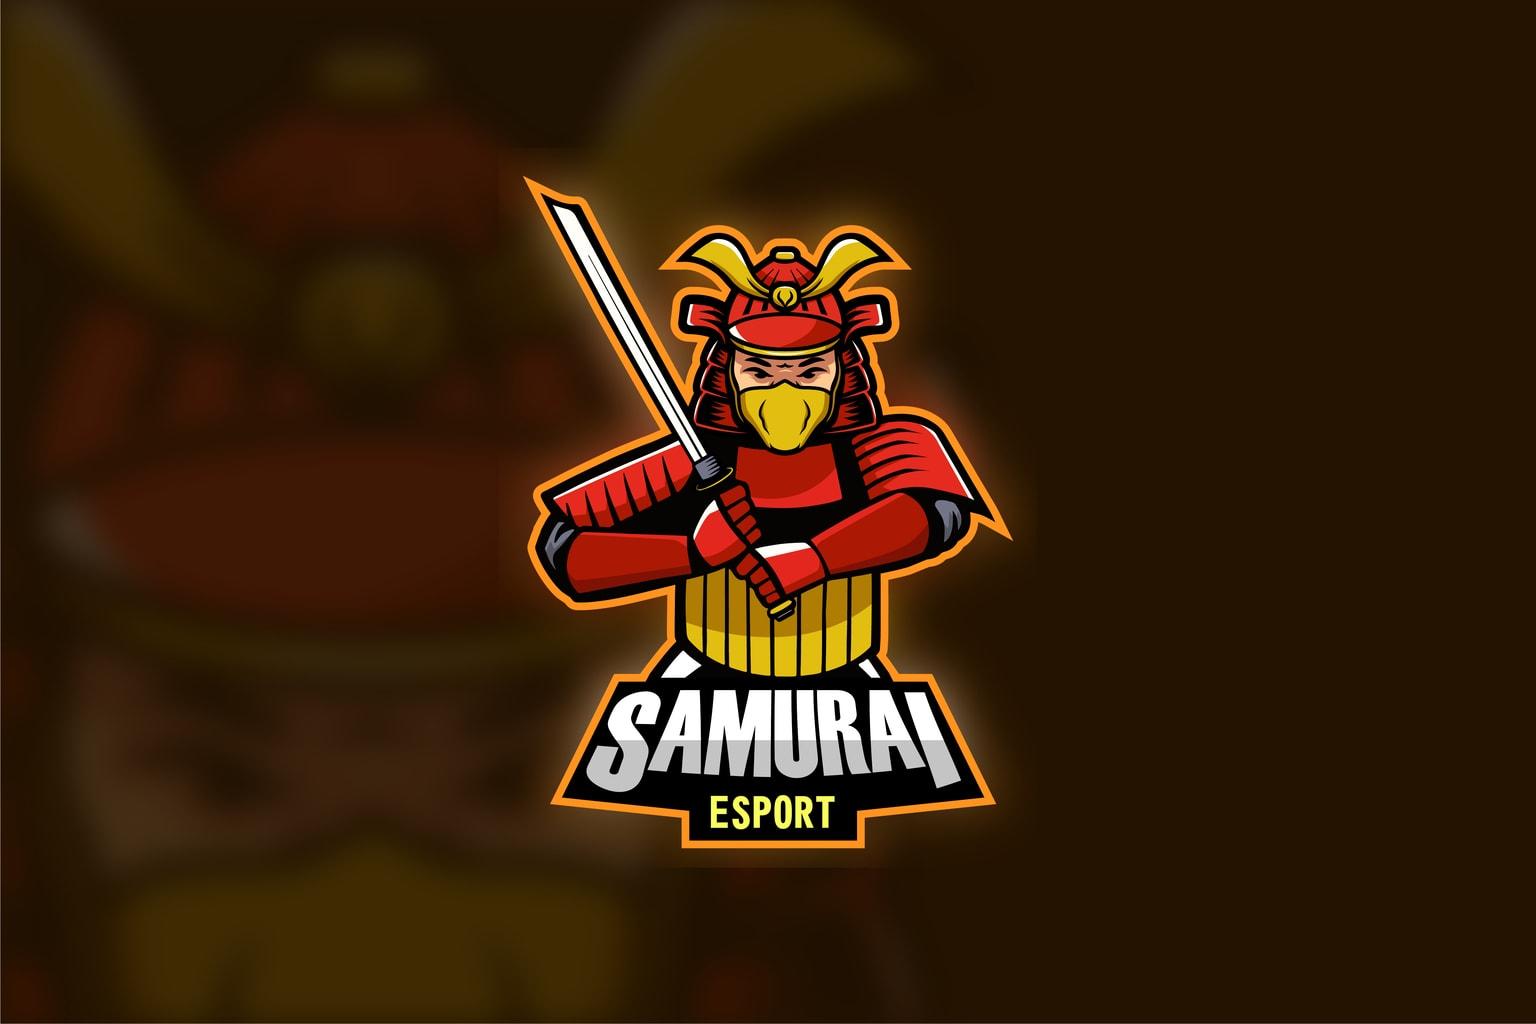 esport logo samurai fighter